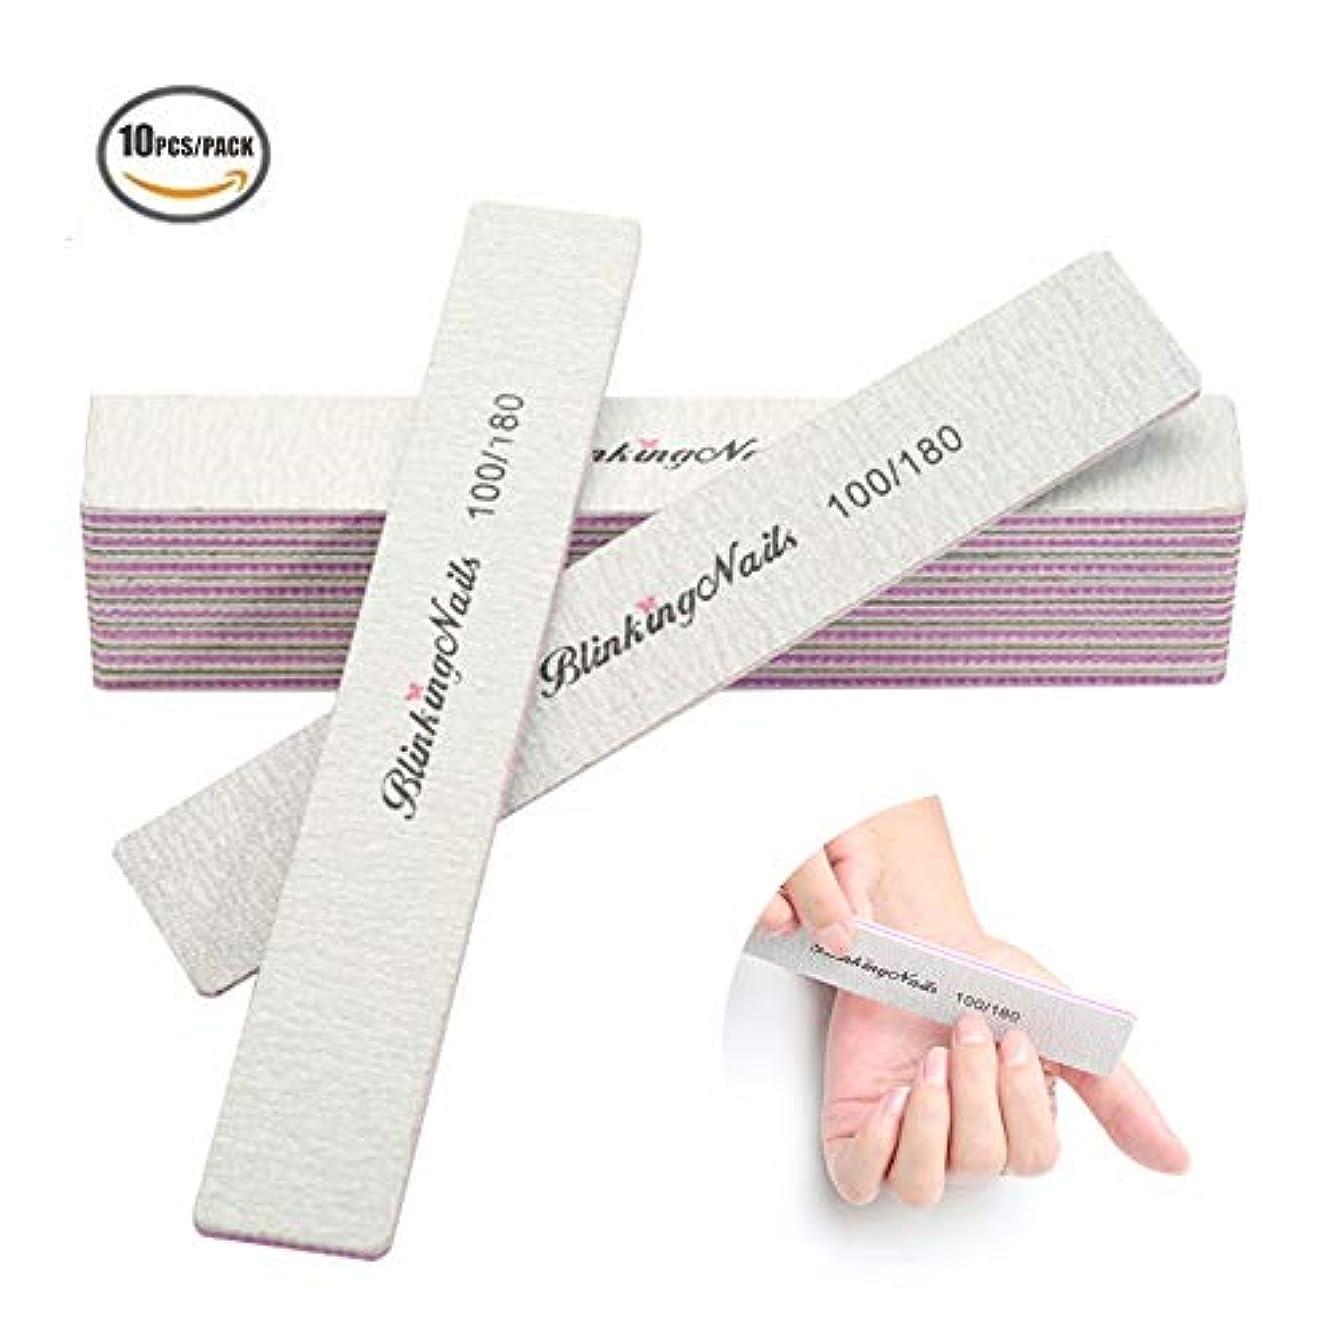 小石純粋な摂動洗濯可プロネイルやすり 研磨ツール 爪やすり 爪磨き 両面使えるエメリーボード ジェルネイル道具 10本入 100/180砂